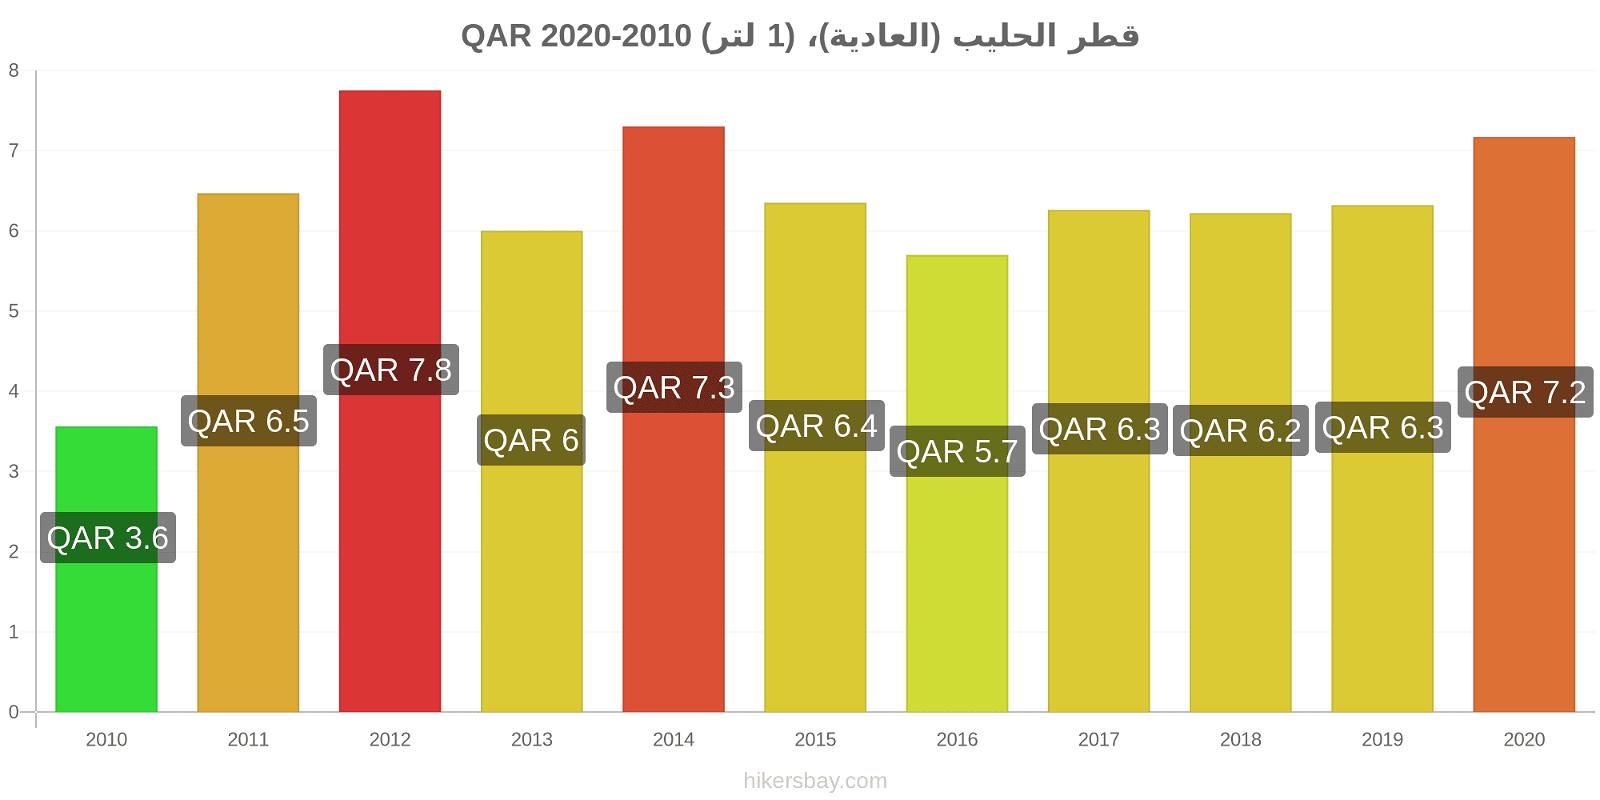 قطر تغيرات السعر الحليب (العادية)، (1 لتر) hikersbay.com